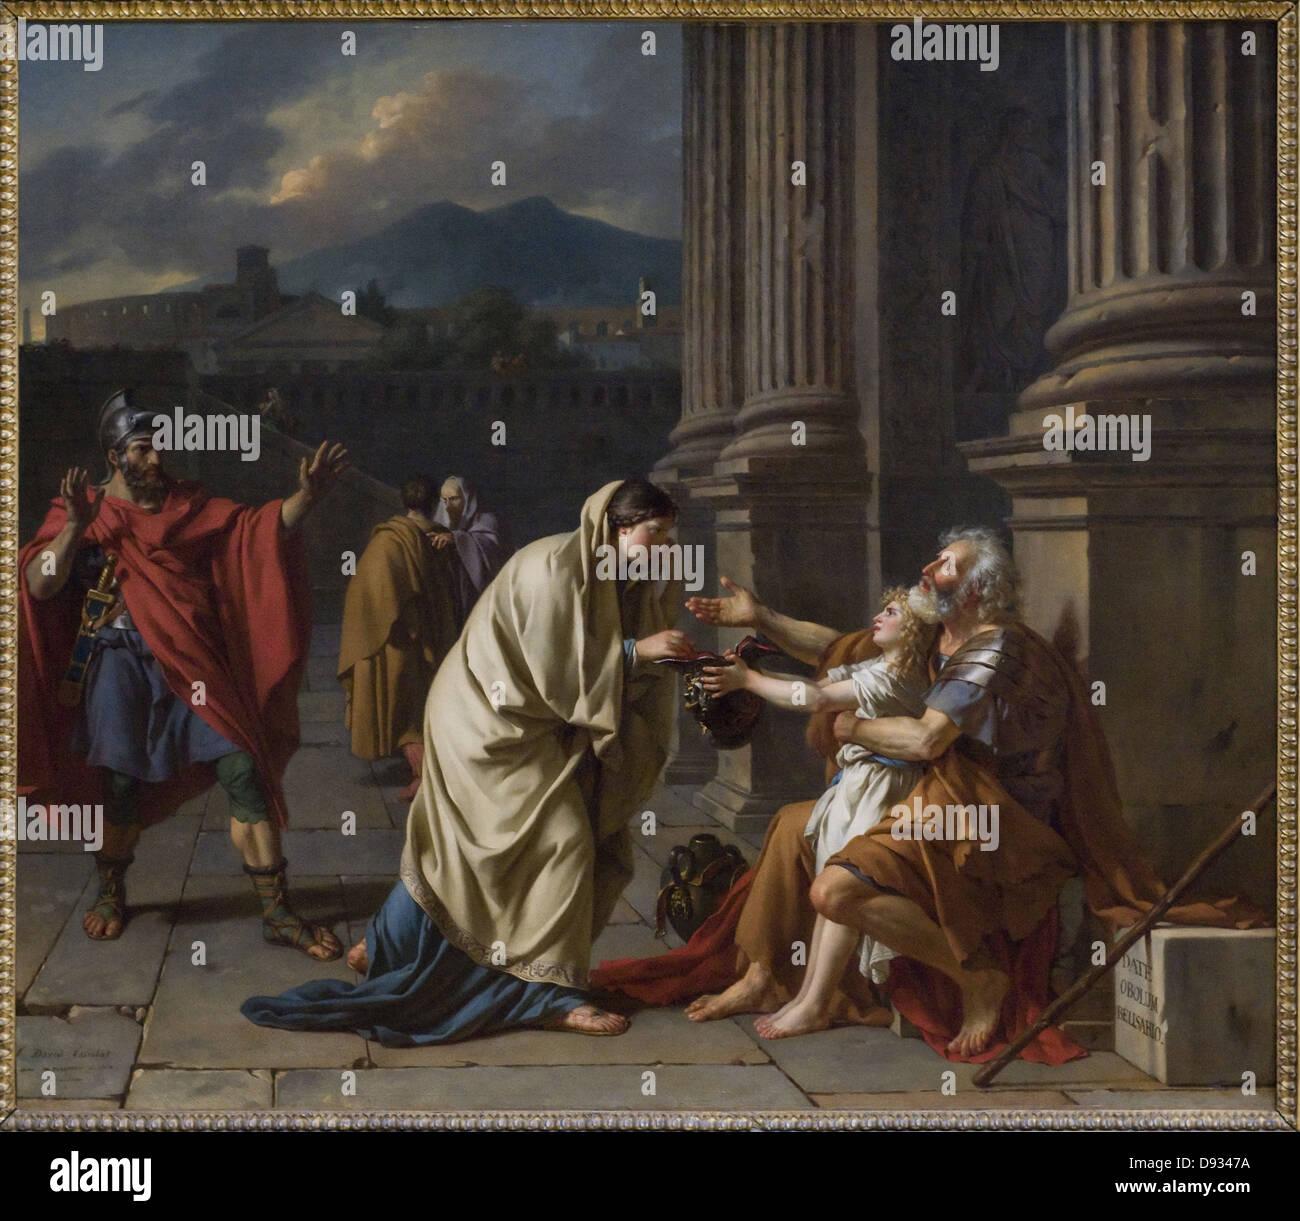 Jacques-Louis David Bélisaire demandant l'aumône - Belisarius begging 1784 French school Louvre Museum - Paris Stock Photo